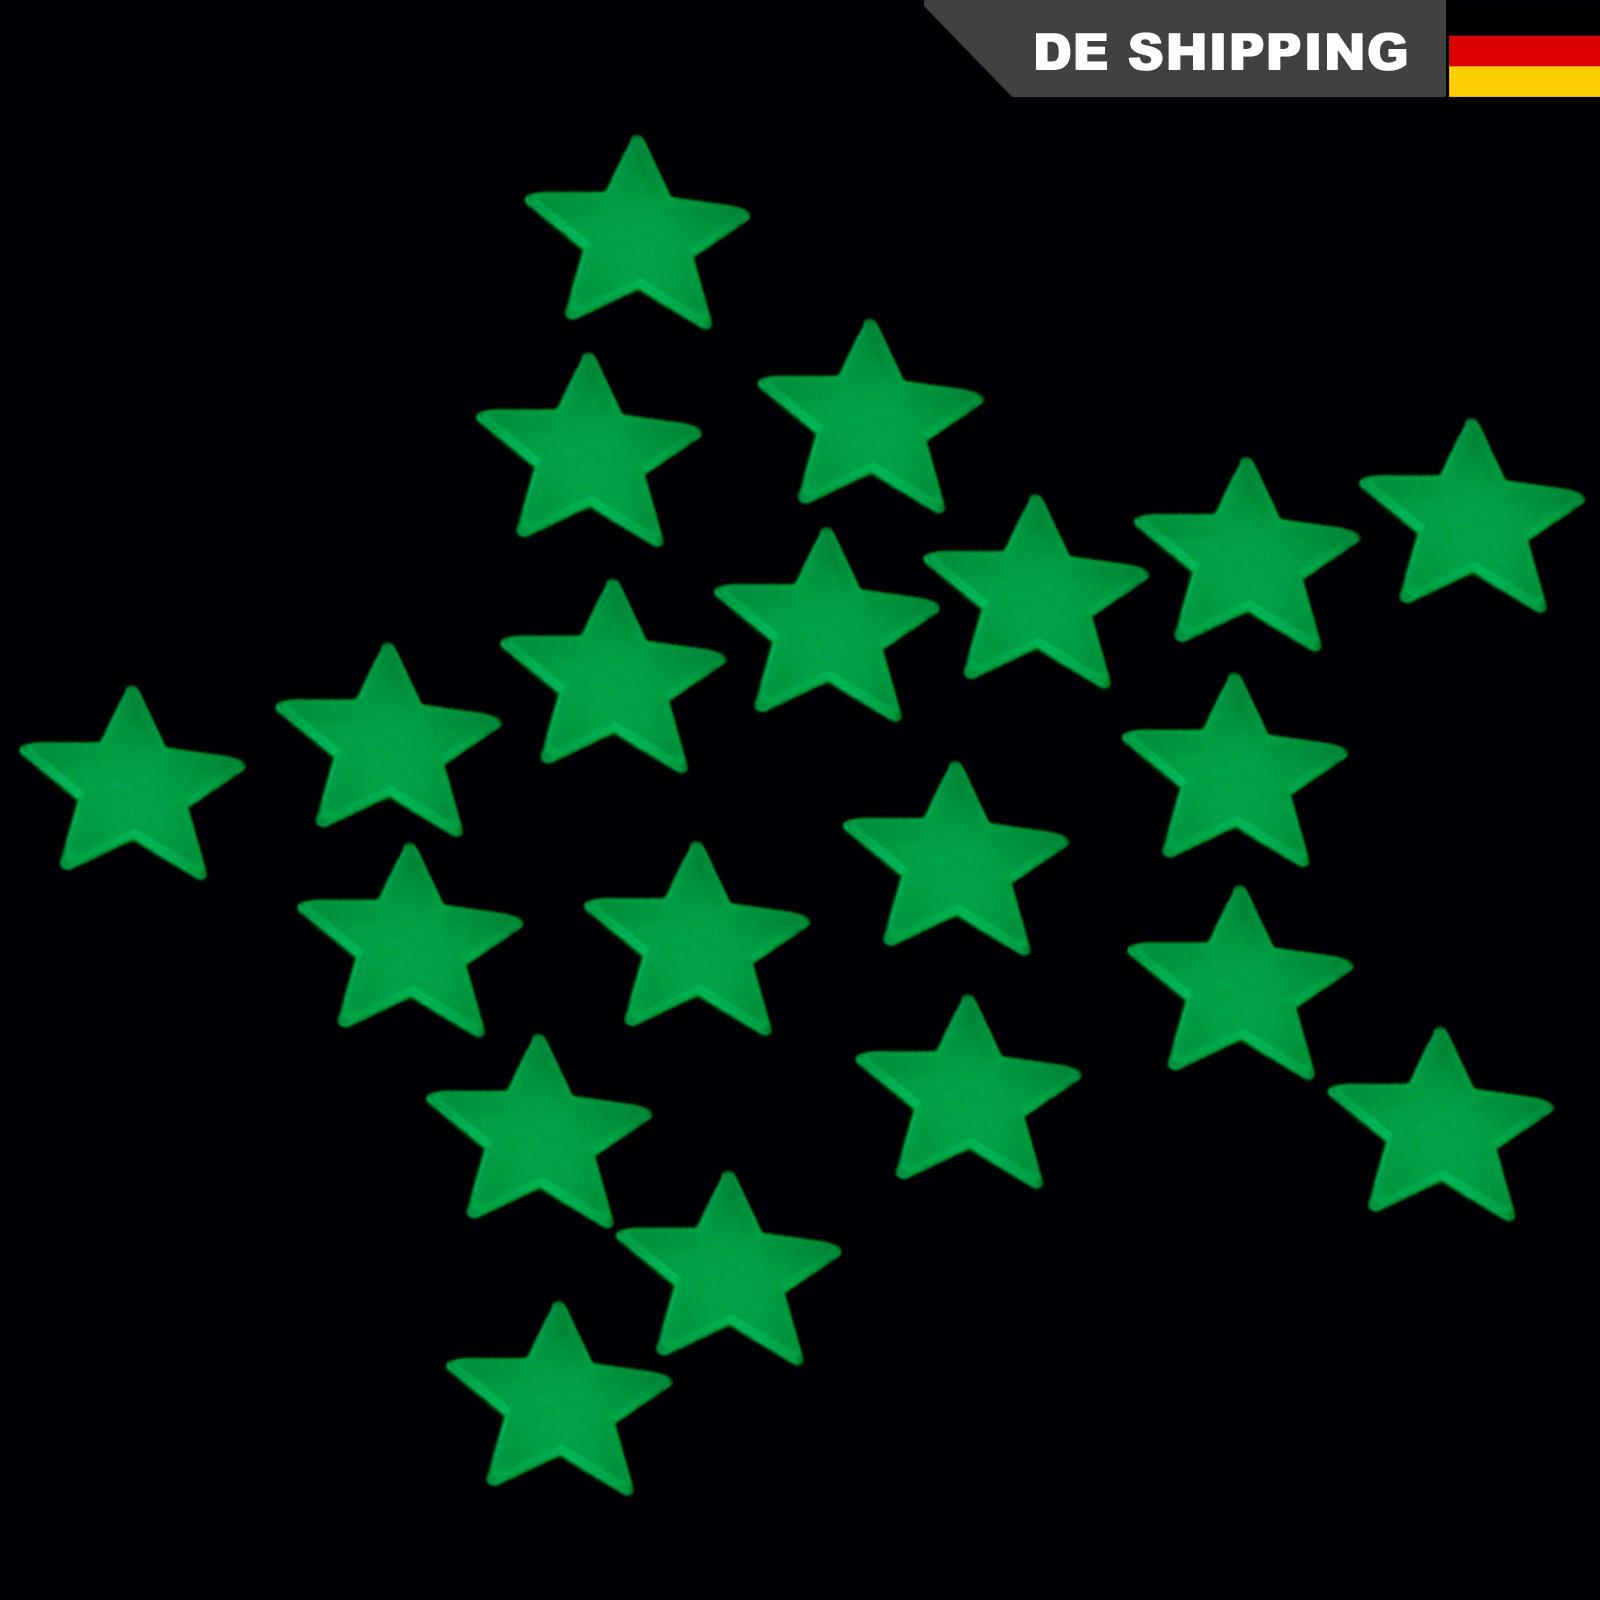 80er wandtattoo leuchtsterne leuchtend fluoreszierend sternenhimmel sterne ebay. Black Bedroom Furniture Sets. Home Design Ideas